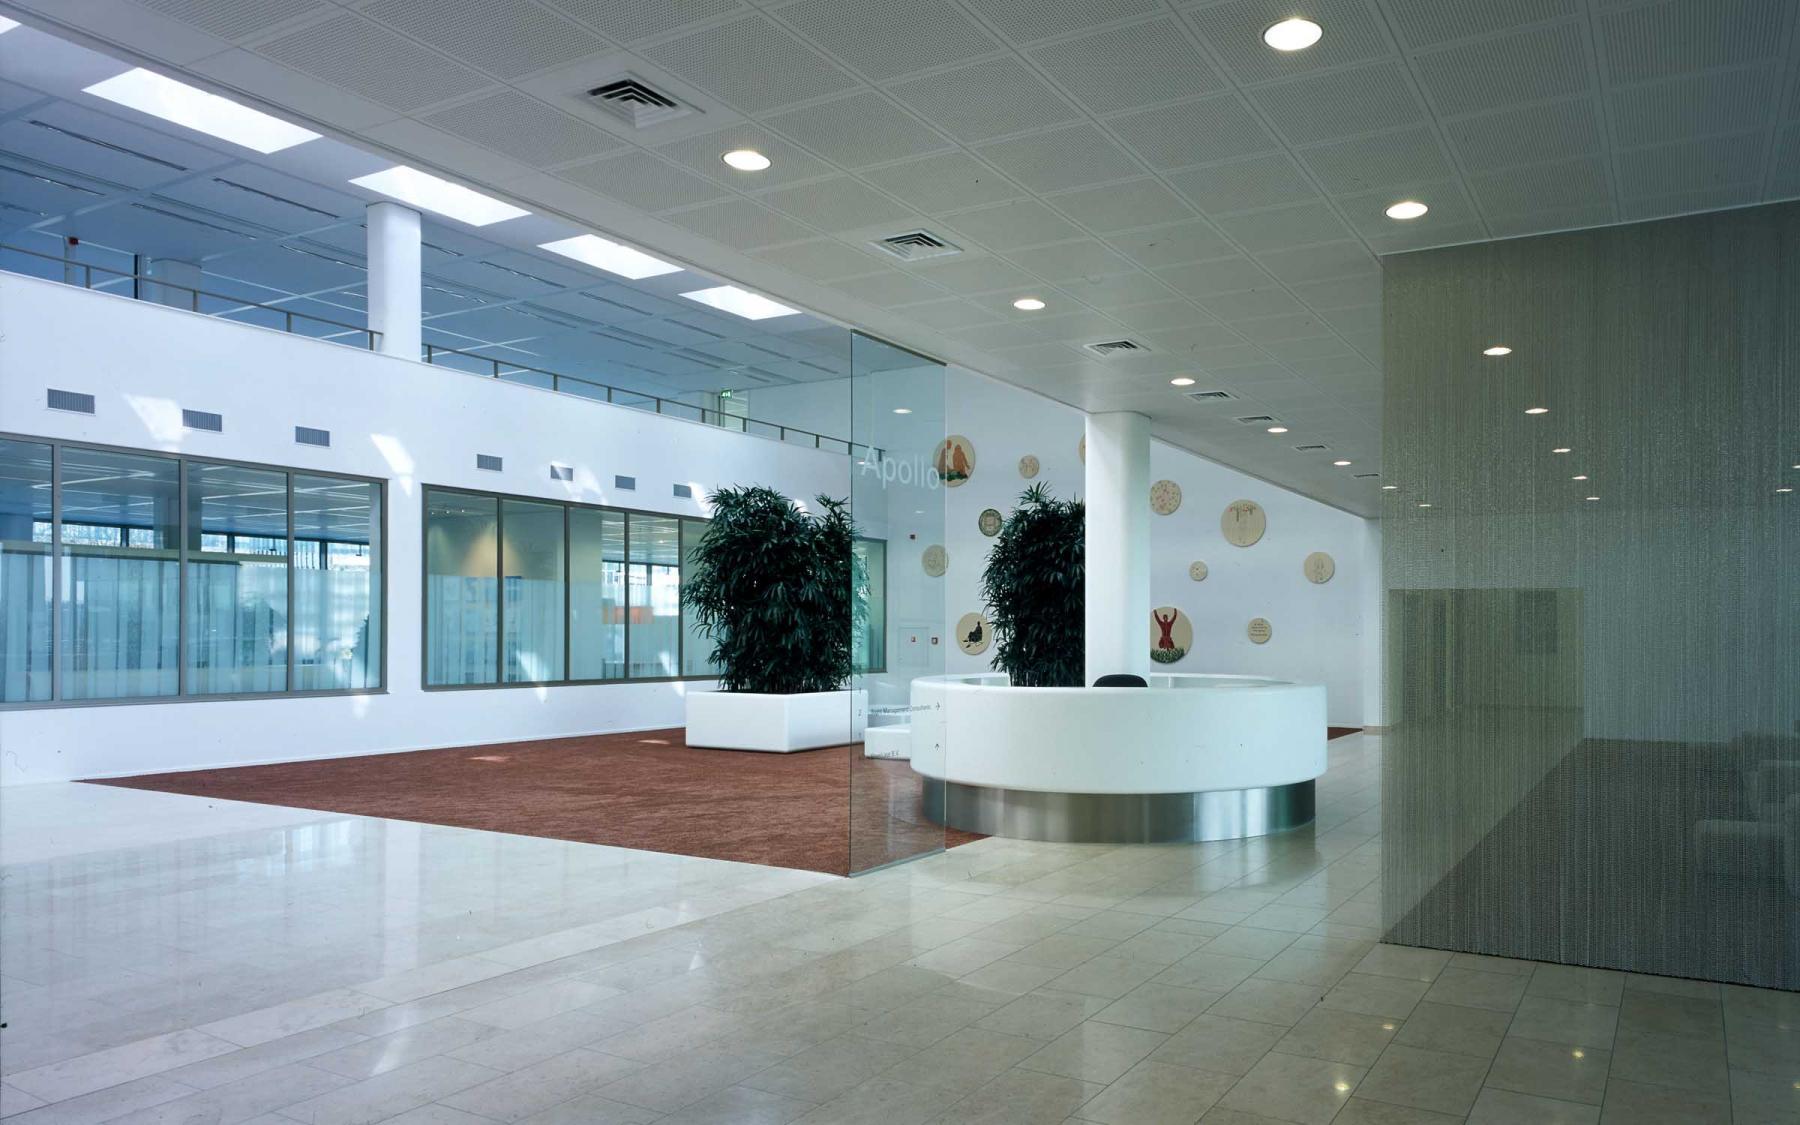 gemeenschappelijke ruimte kantoor amsterdam zuidoost